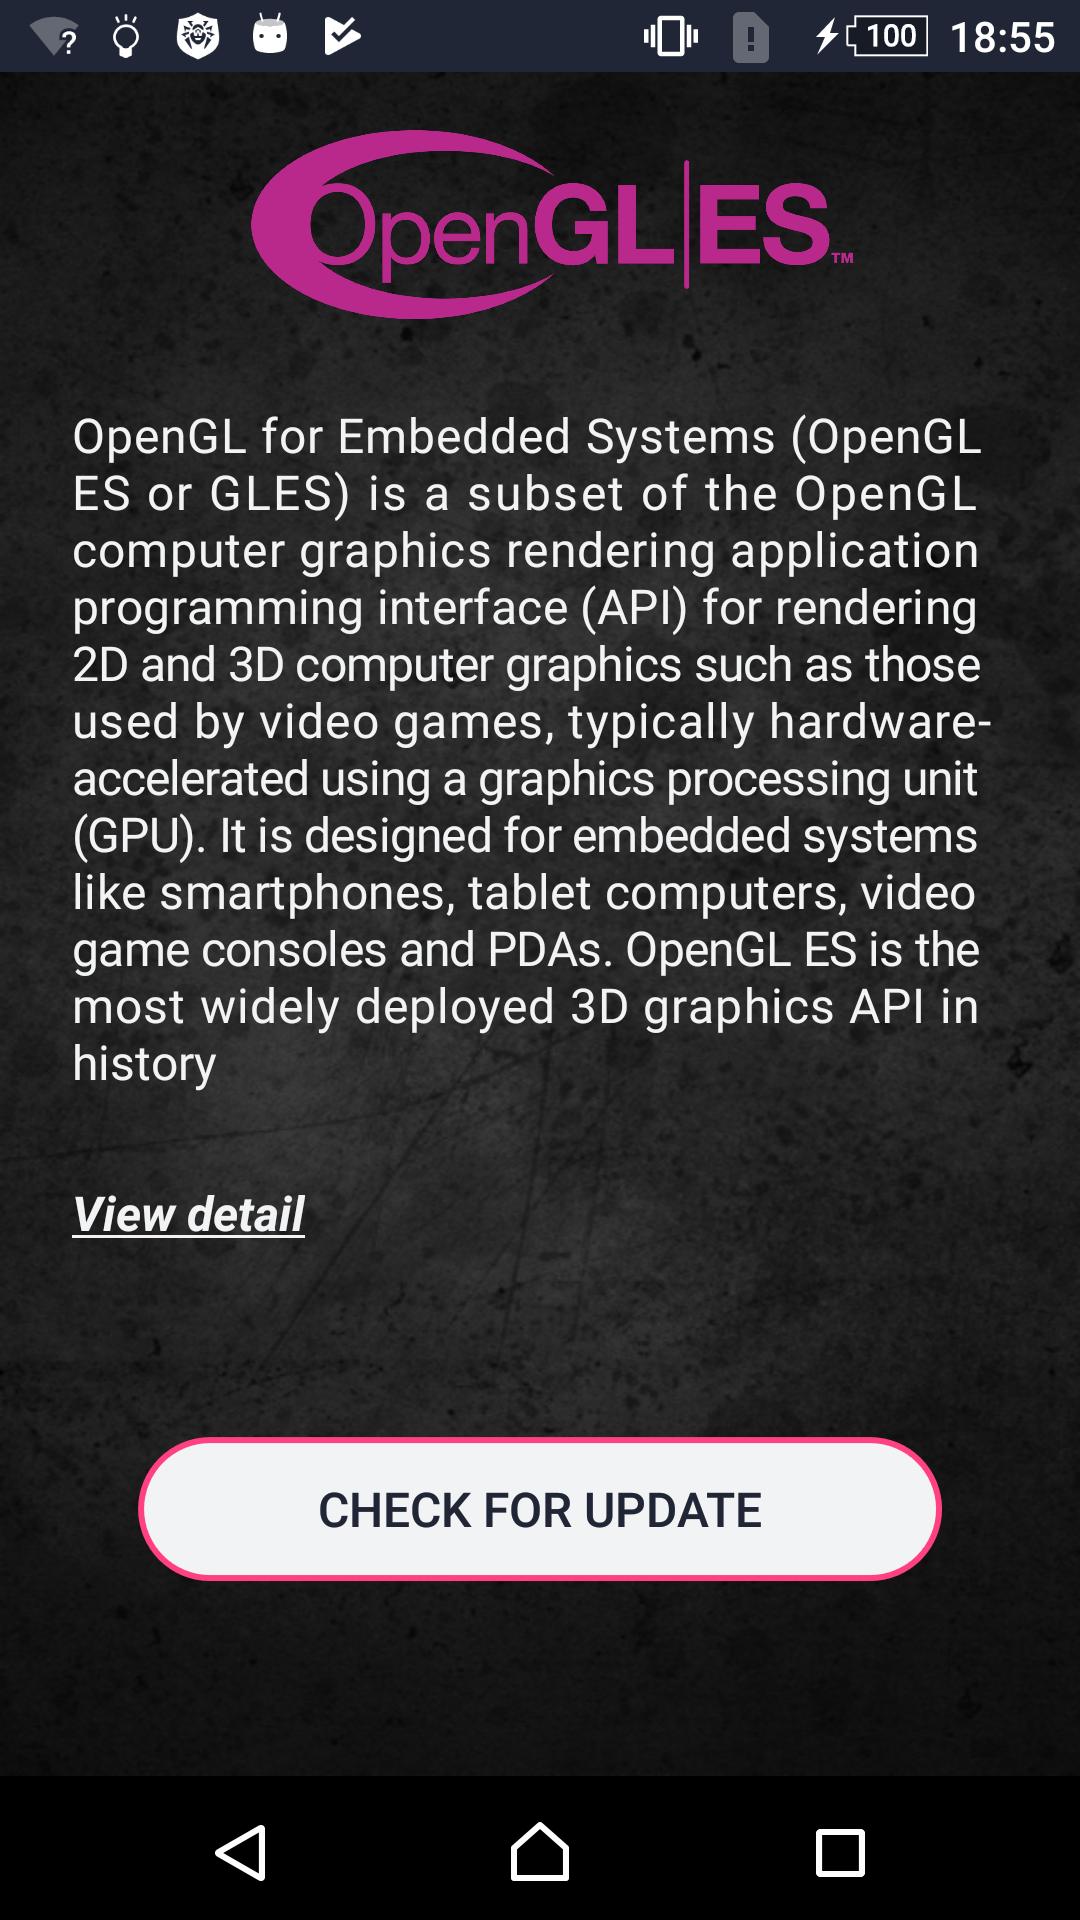 Троян для Android маскировался под обновление для OpenGL ES - «Хакер»